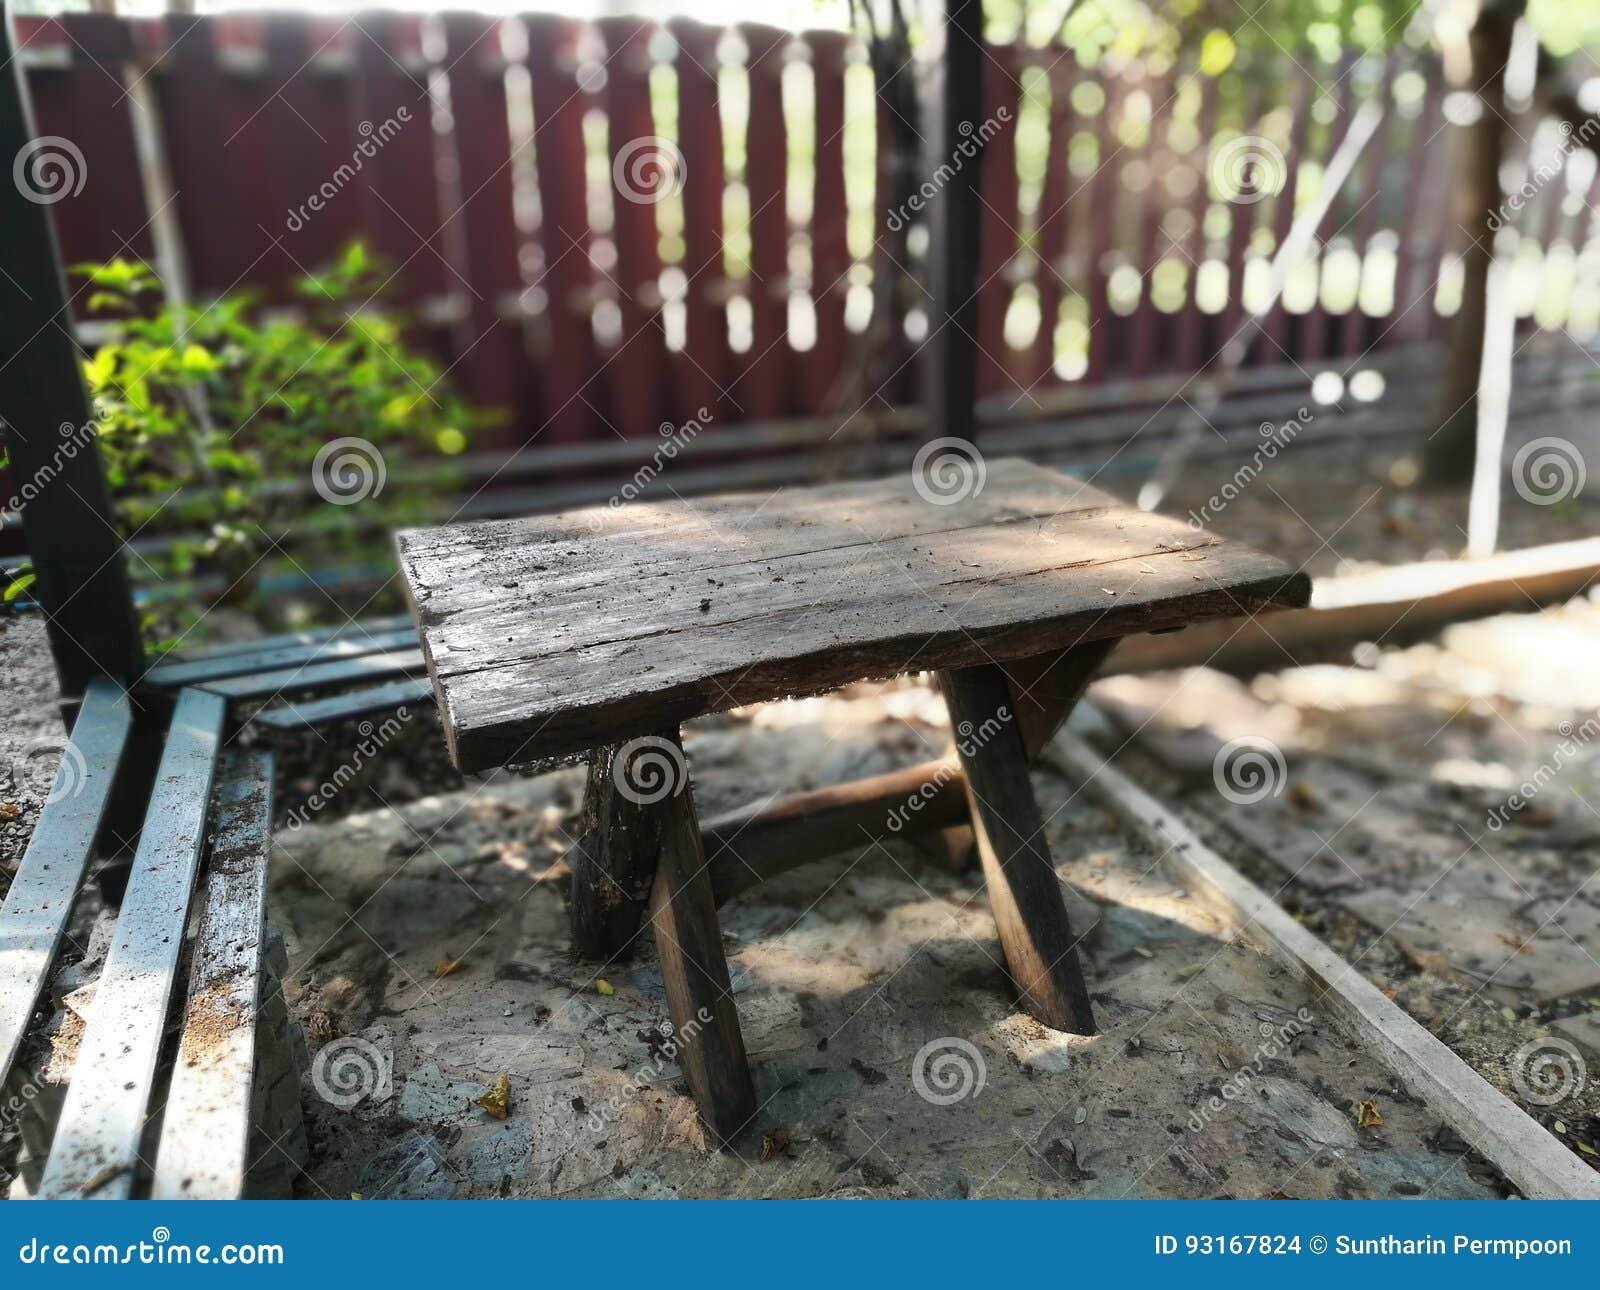 Vieilles Dans Jardin stock Bois En Le Photo Image Chaises 8PkXZwONn0